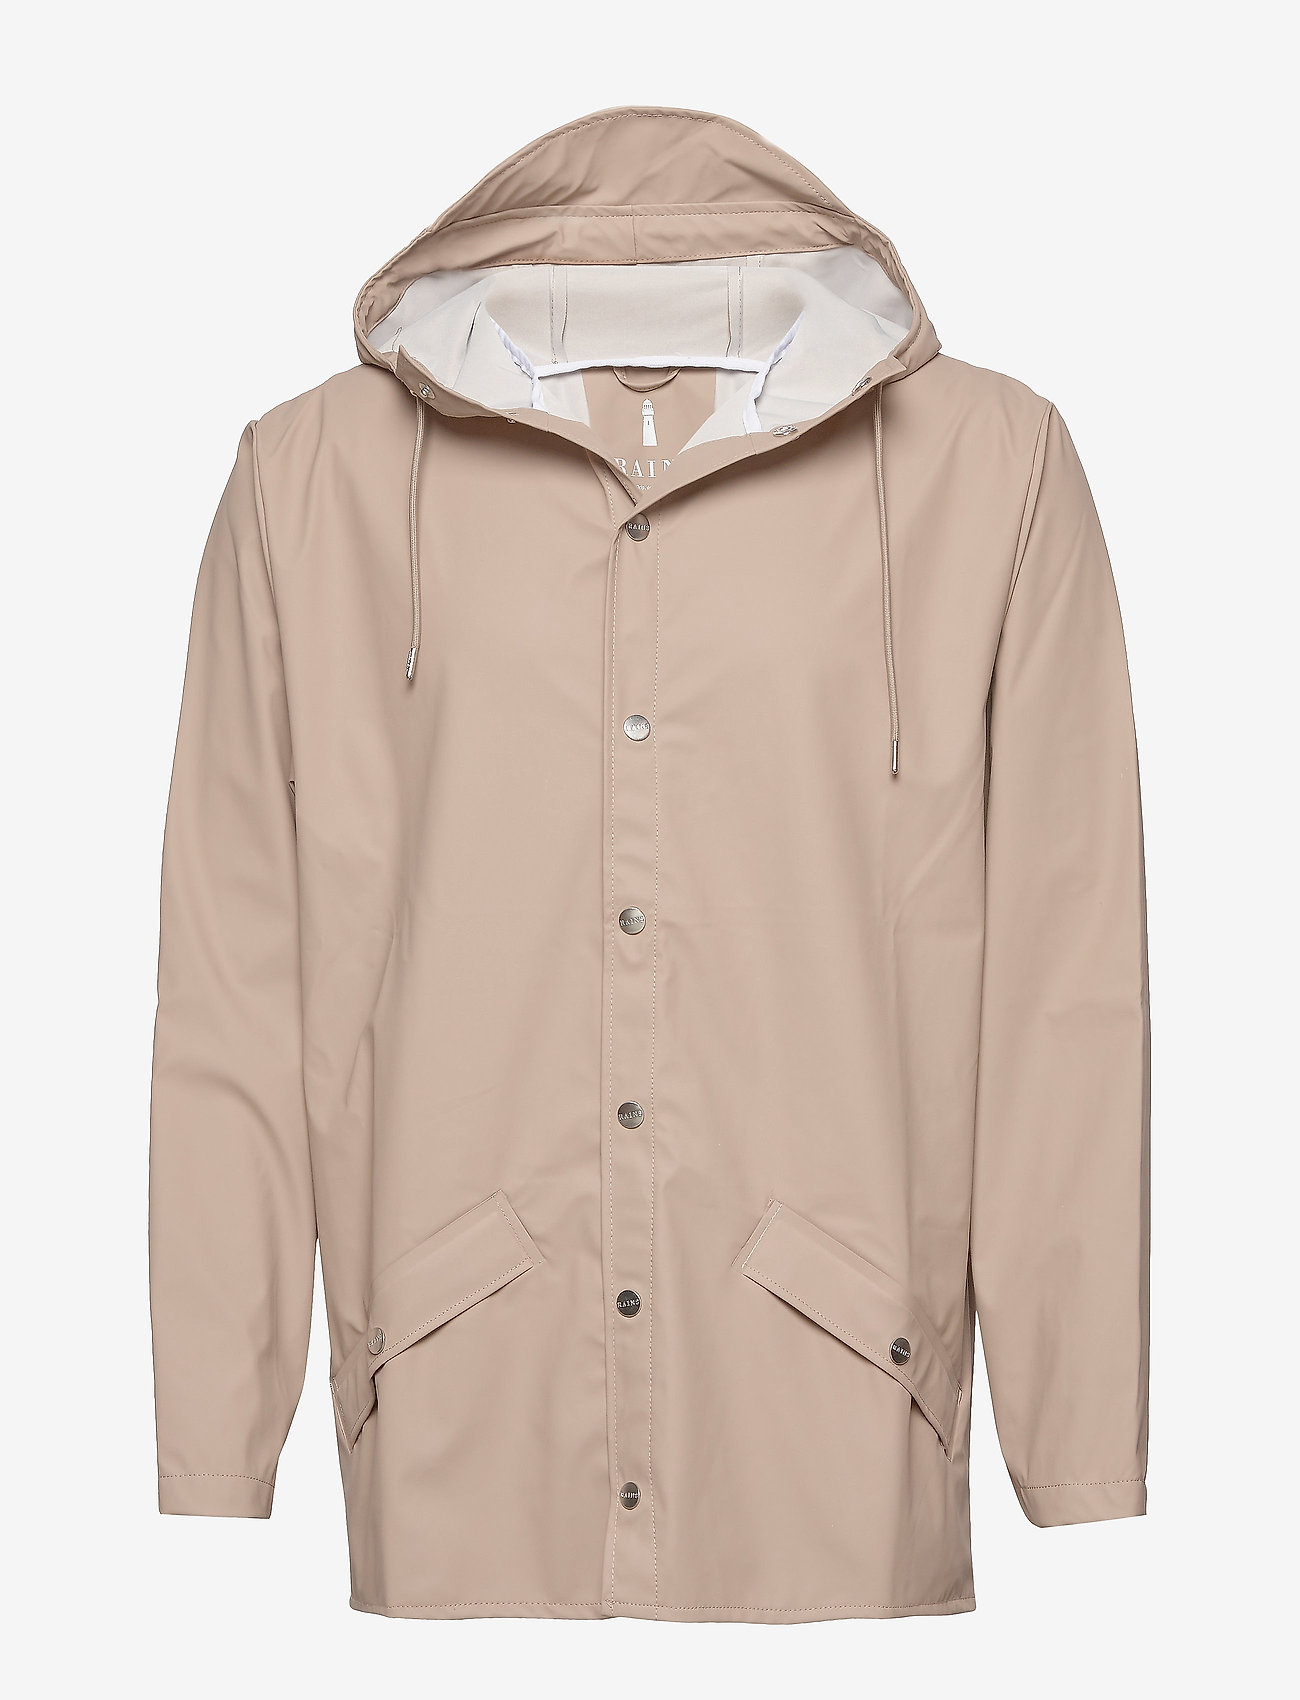 Rains - Jacket - manteaux de pluie - beige - 0